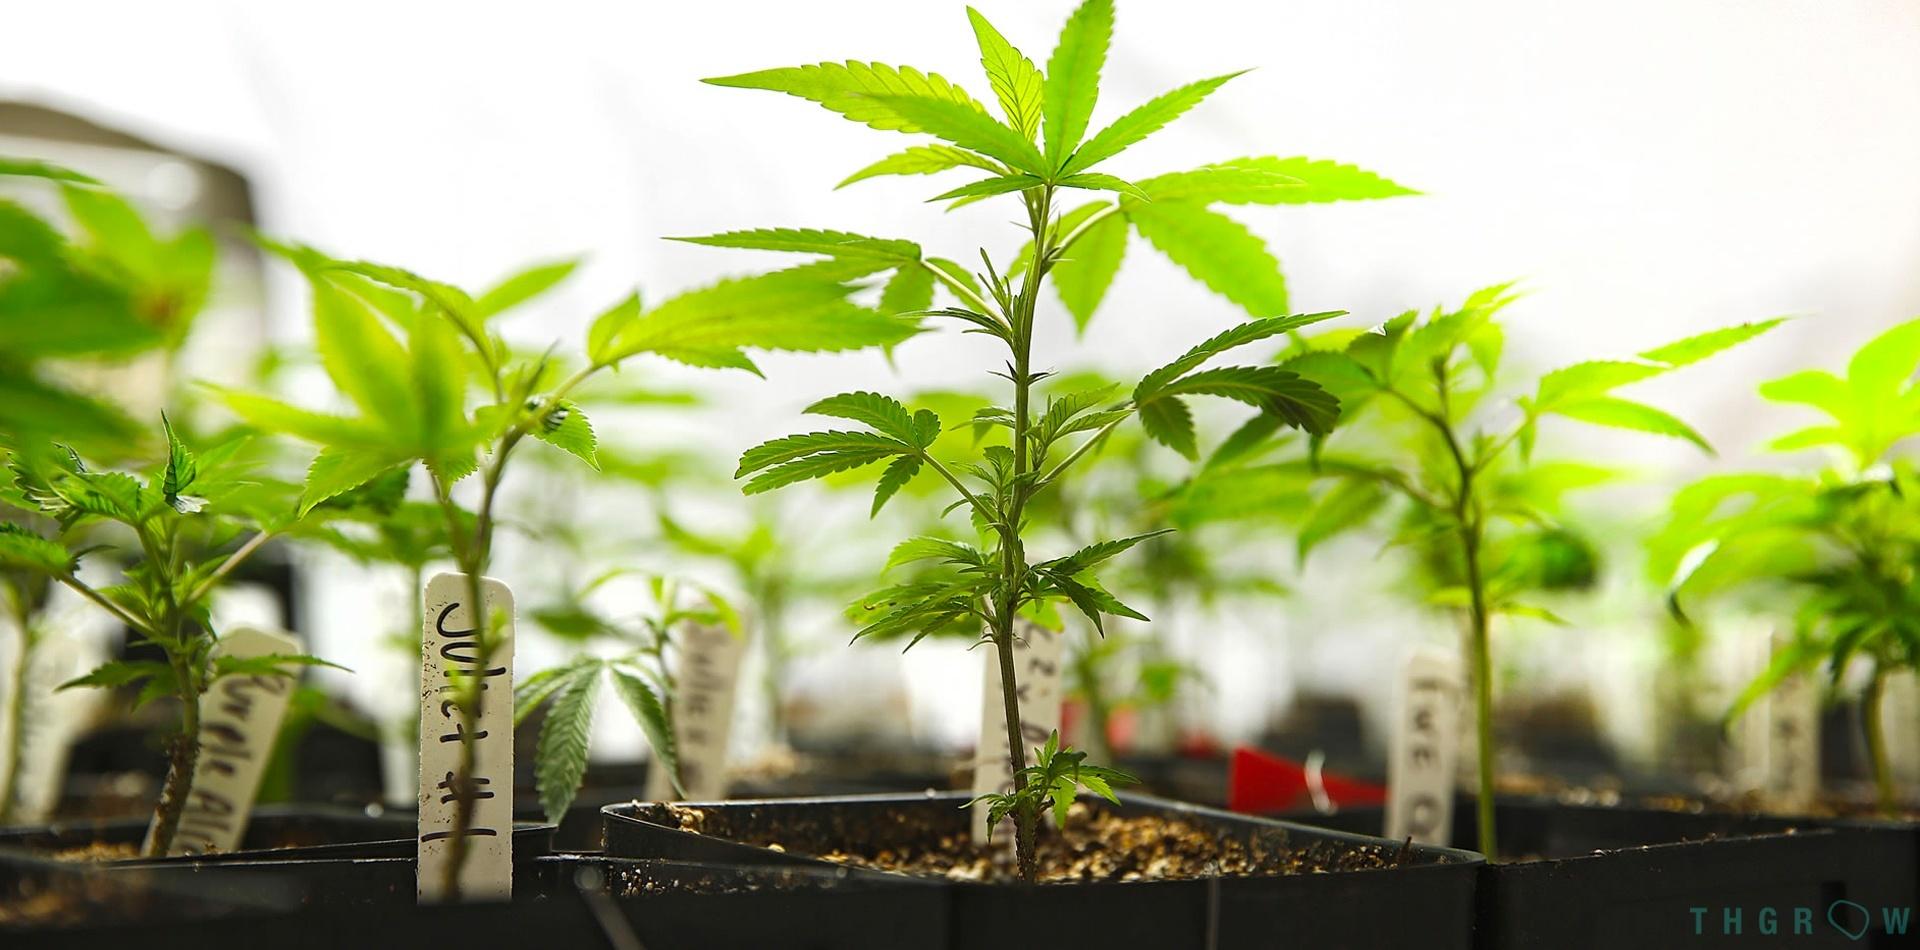 Esquejes y clonación del cannabis